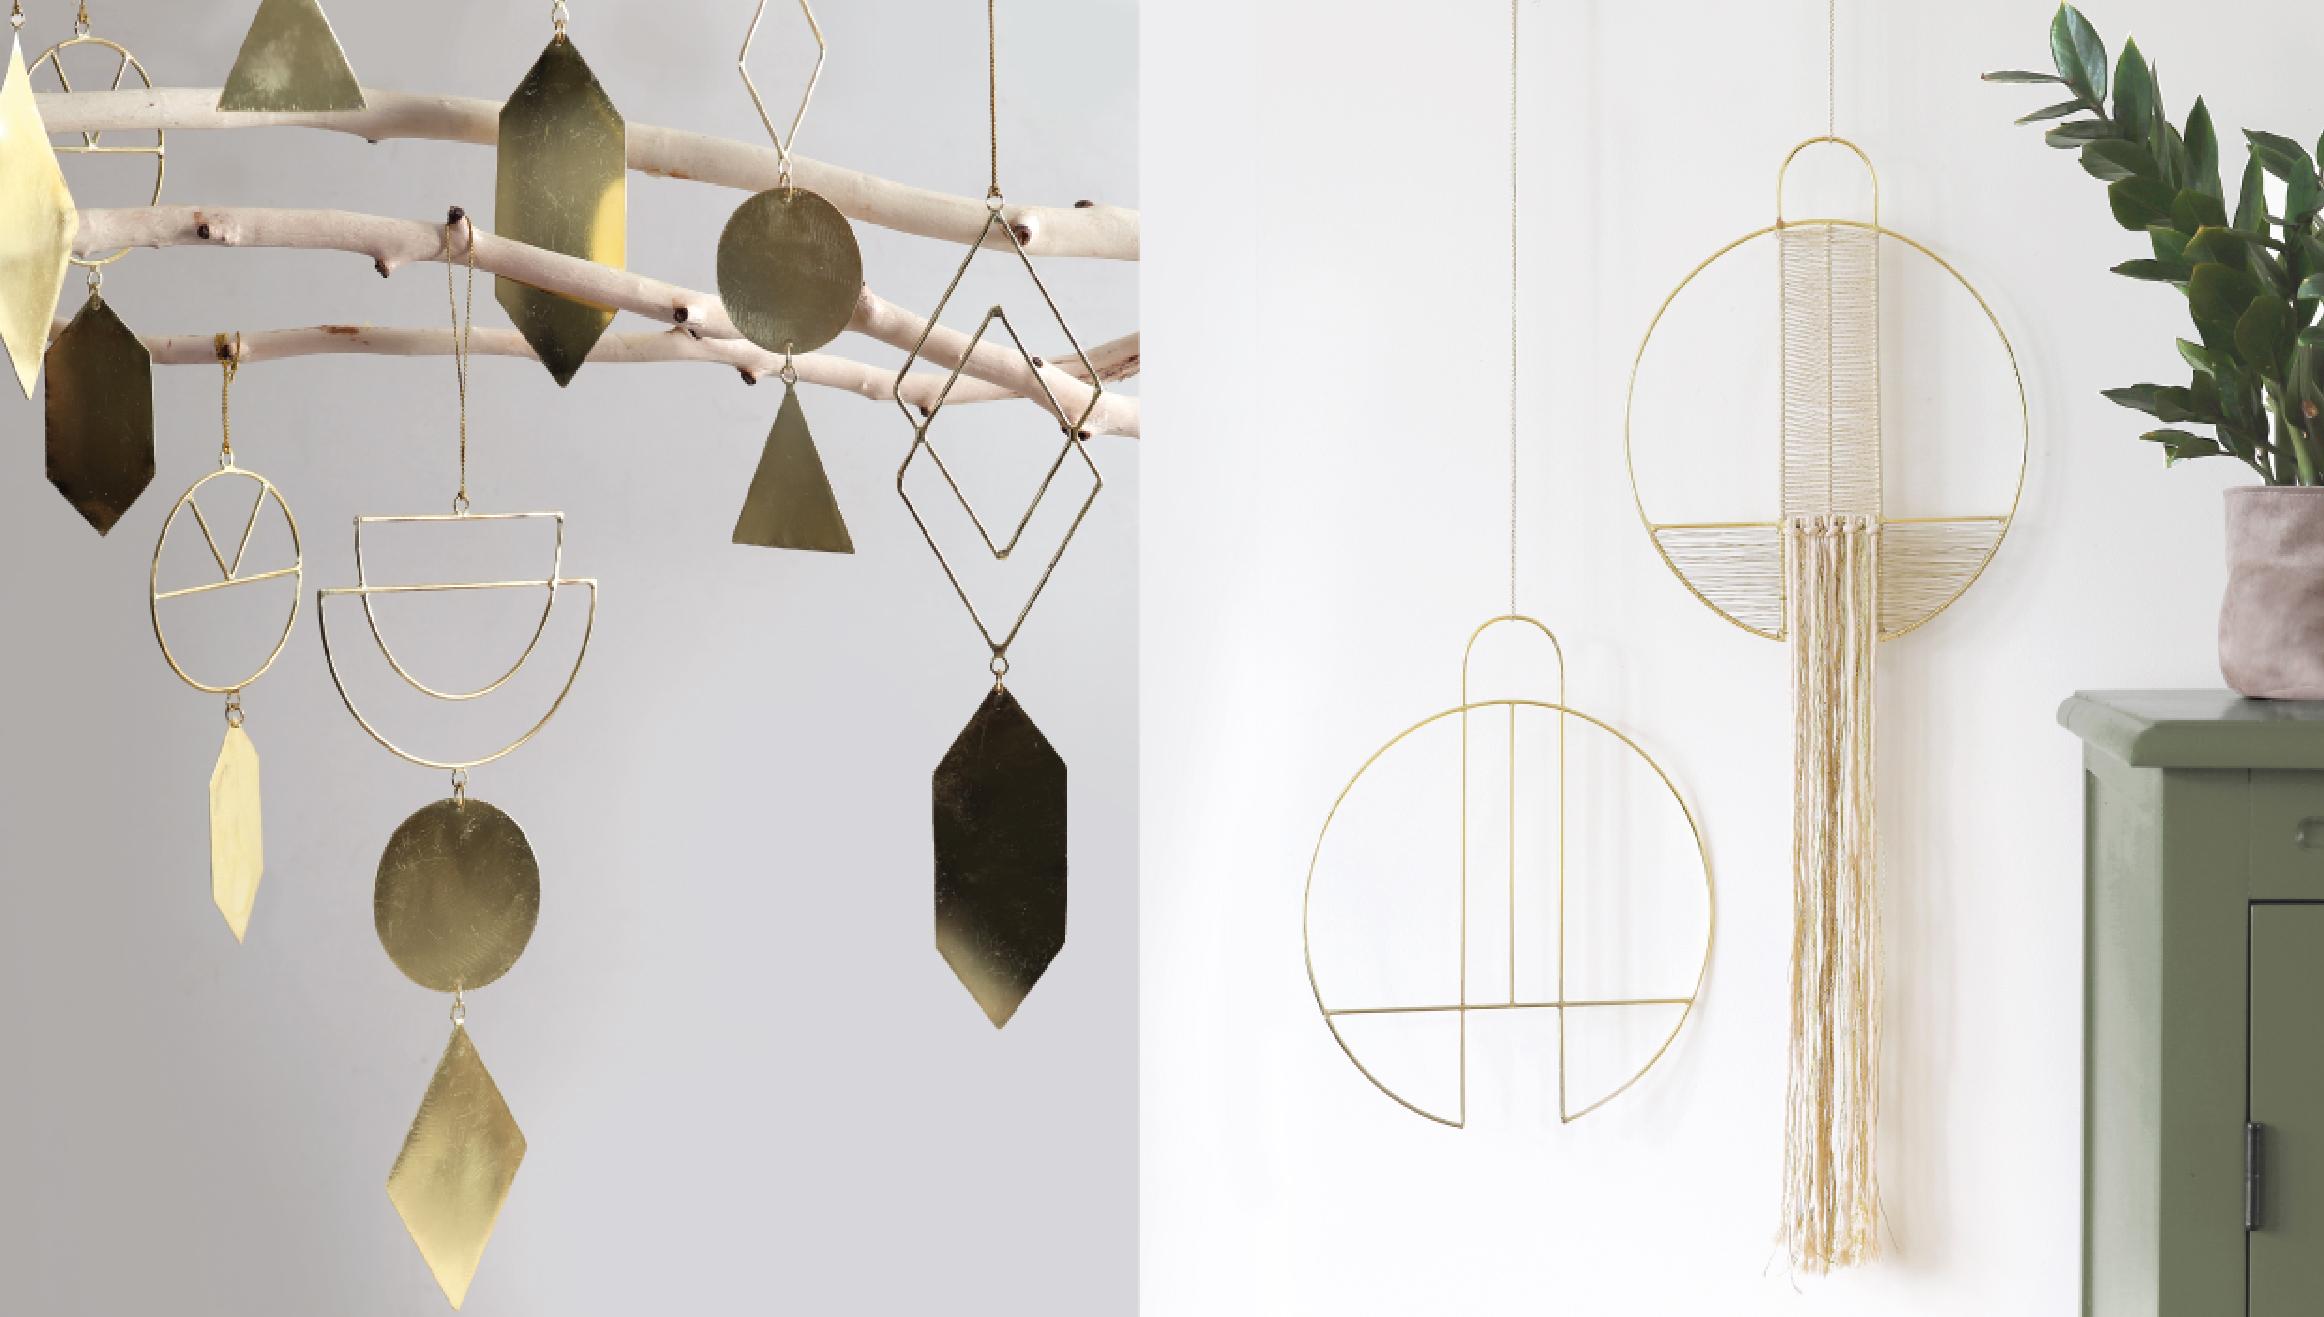 Metalé ornamenten en Metalé wall deco & wall hanger